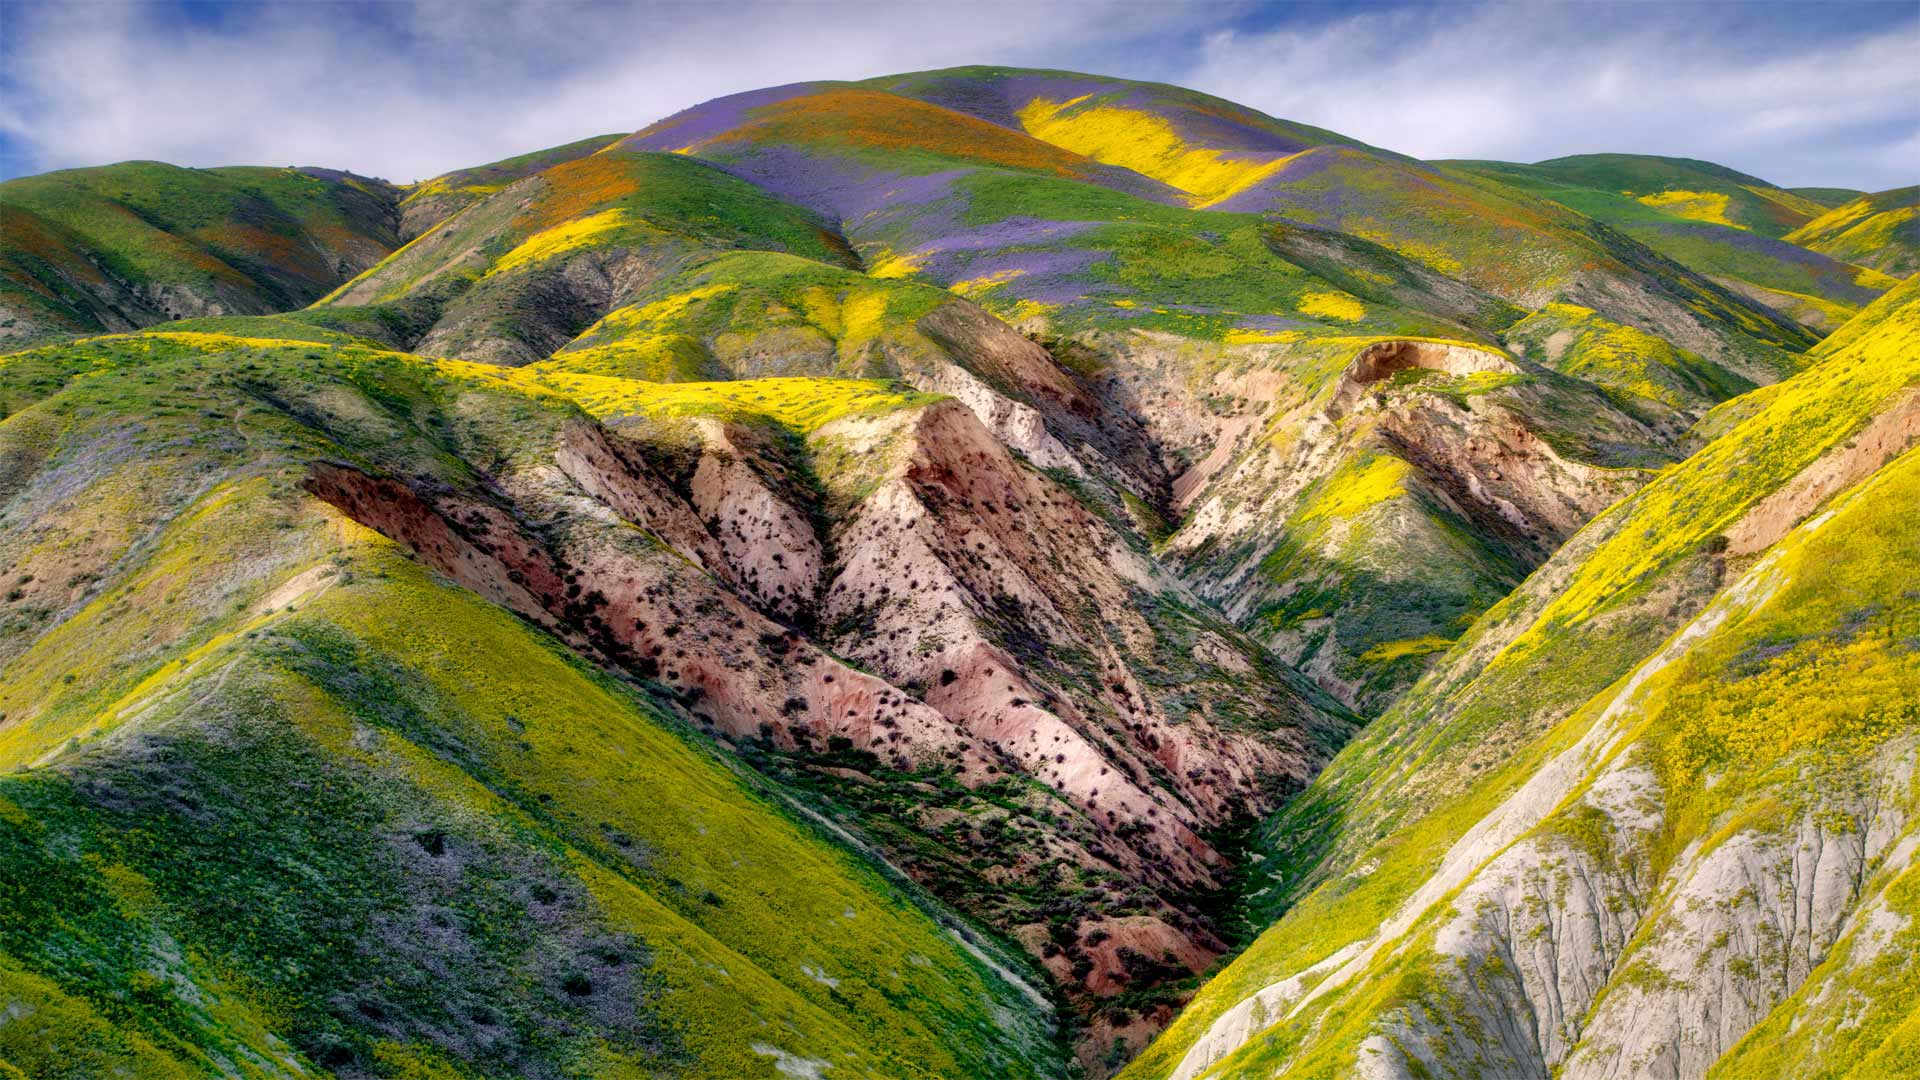 「カリゾ平原の野の花」米国, カリフォルニア州 (© Dennis Frates/Alamy Stock Photo)